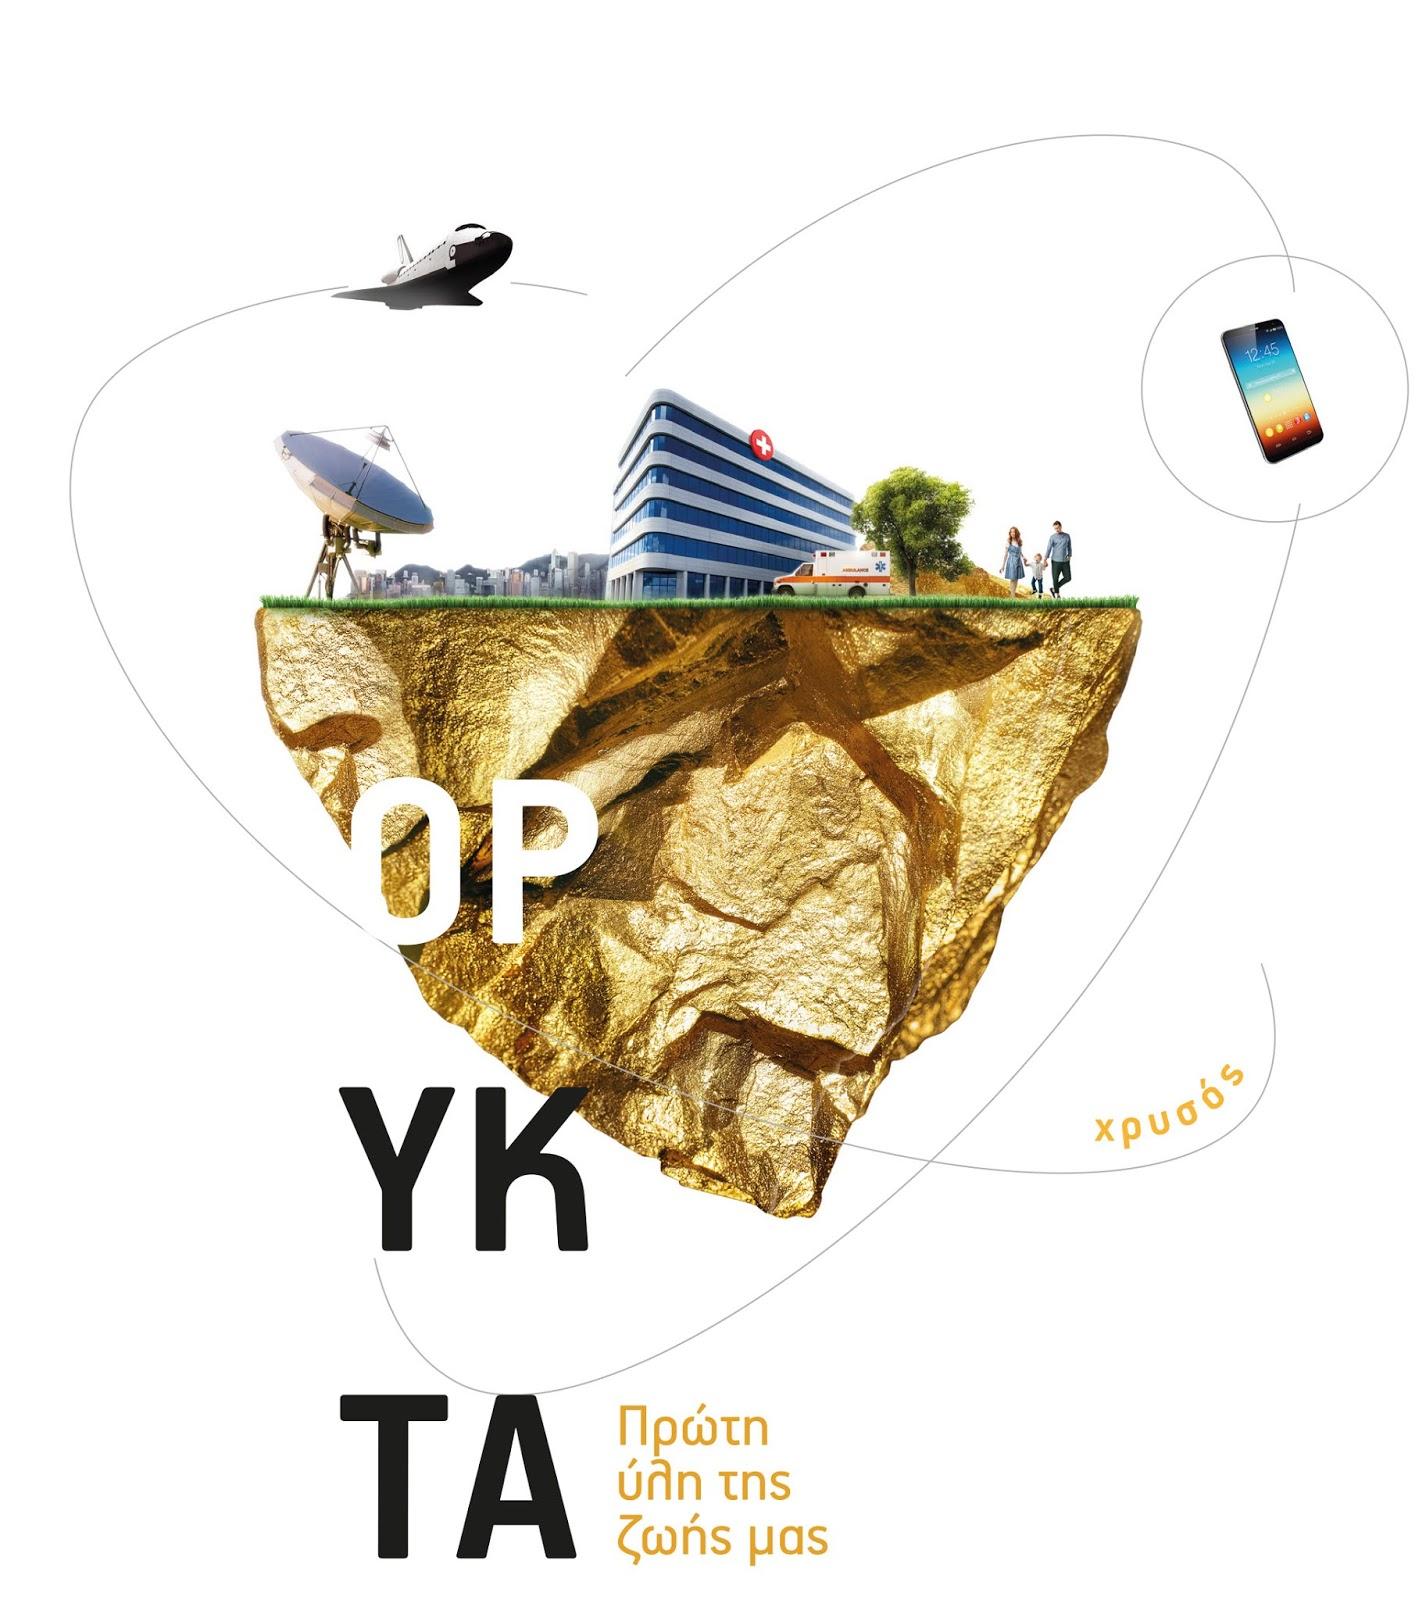 Καμπάνια της Ελληνικός Χρυσός για την ανάδειξη της σημασίας  του ορυκτού πλούτου στη ζωή μας  «Ορυκτά. Πρώτη ύλη της ζωής μας.»